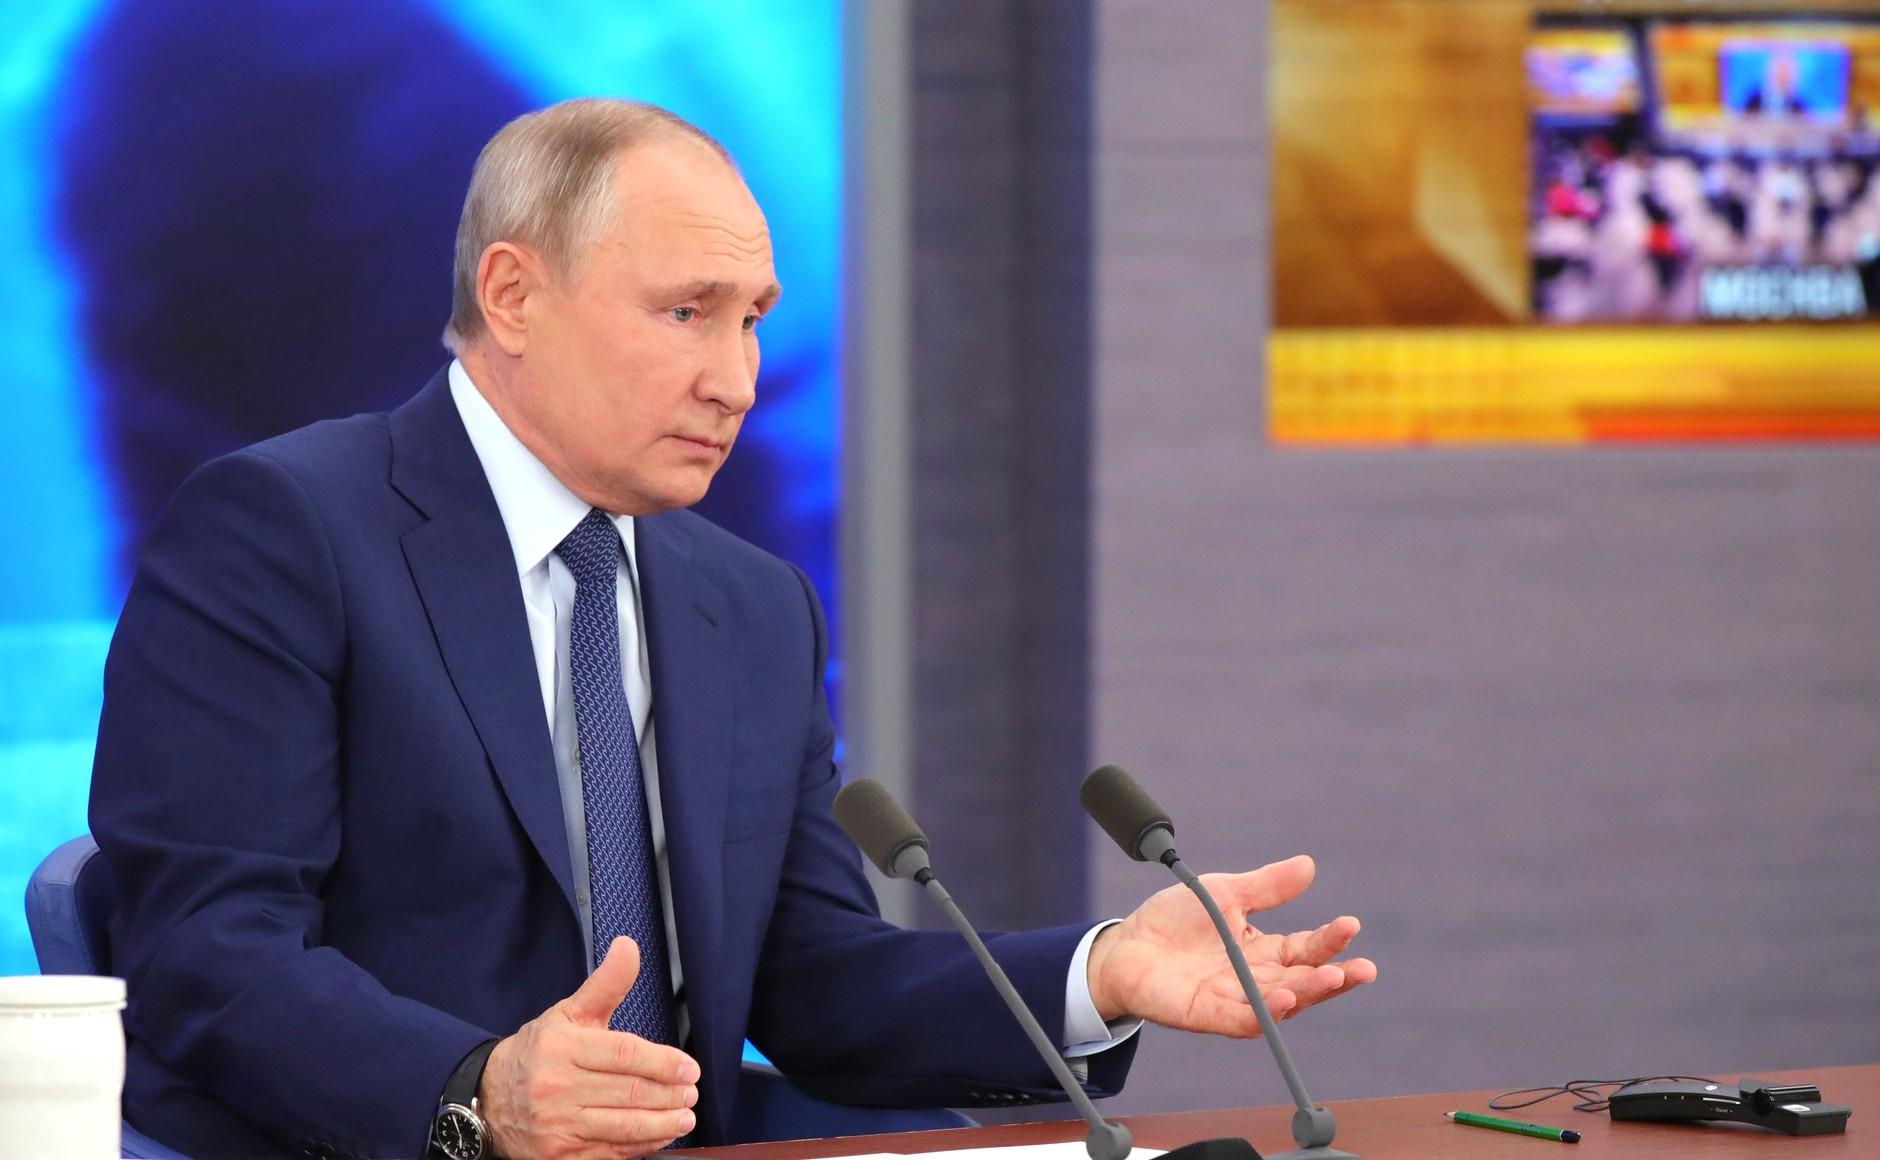 RUSSIE 17.12.2020.CONFERENCE 19 XX 66 Avant le début de la conférence de presse annuelle de Vladimir Poutine.